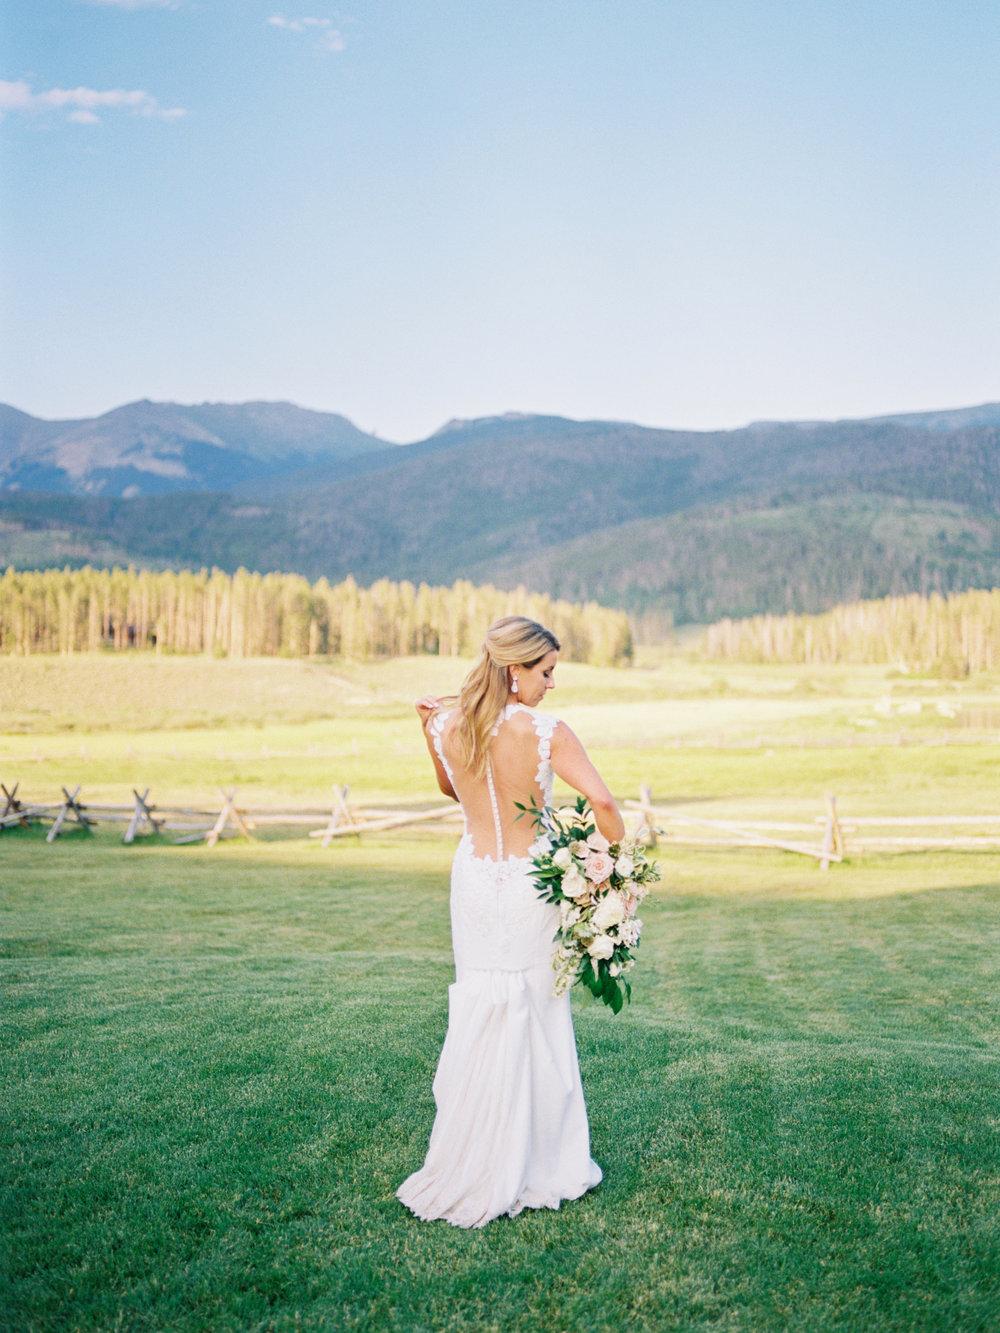 Tara_Bielecki_Photography_Brooke_Bryan_Wedding_513.jpg